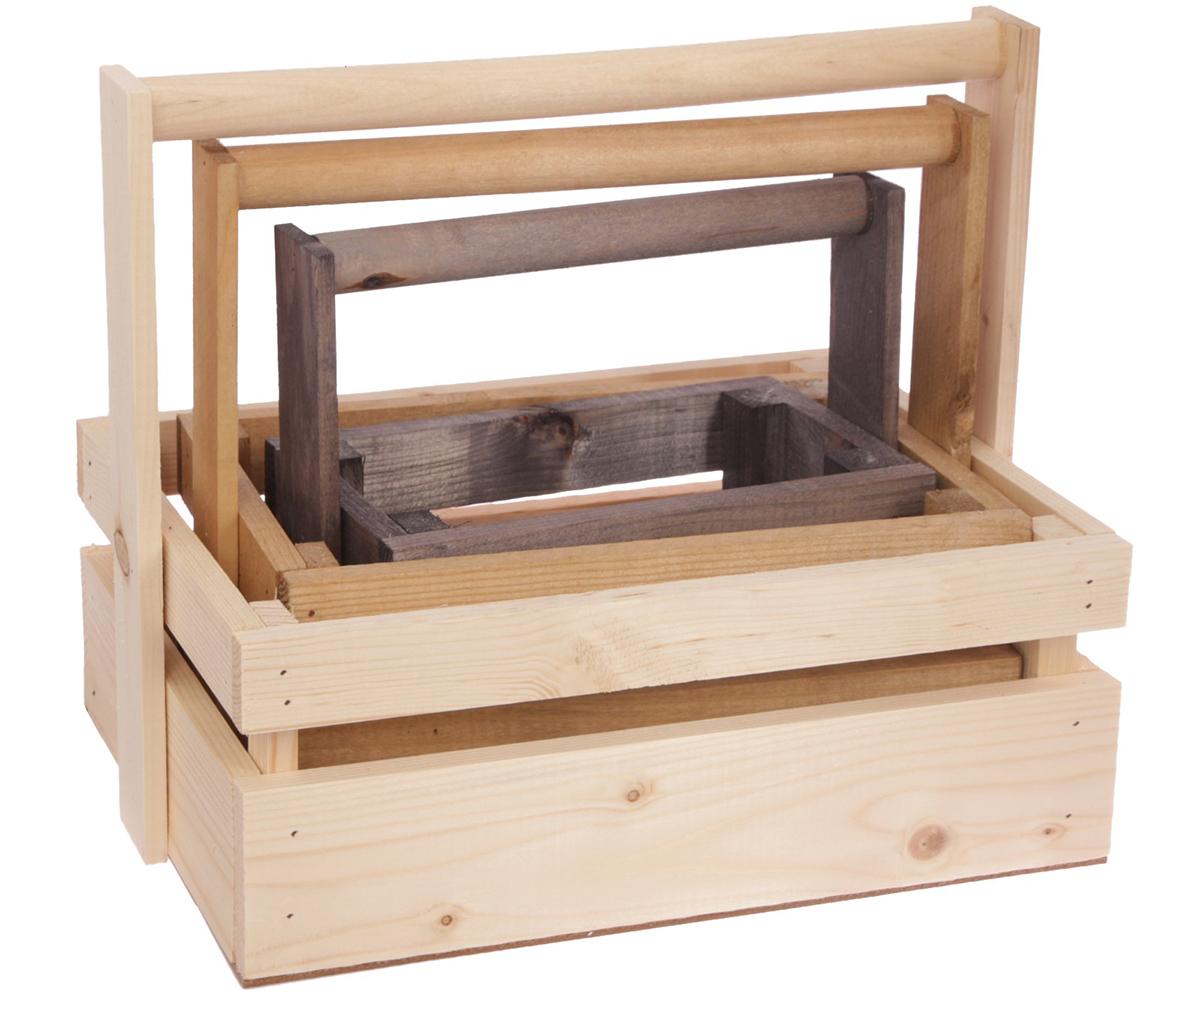 Набор деревянных ящиков Дарите Счастье 3 в 1, реечный, с шильдиком и ручкой, малый, цвет: темно-серый3334618Каждому хозяину периодически приходит мысль обновить свою квартиру, сделать ремонт, перестановку или кардинально поменять внешний вид каждой комнаты. Набор деревянных ящиков— привлекательная деталь, которая поможет воплотить вашу интерьерную идею, создать неповторимую атмосферу в вашем доме. Окружите себя приятными мелочами, пусть они радуют глаз и дарят гармонию.